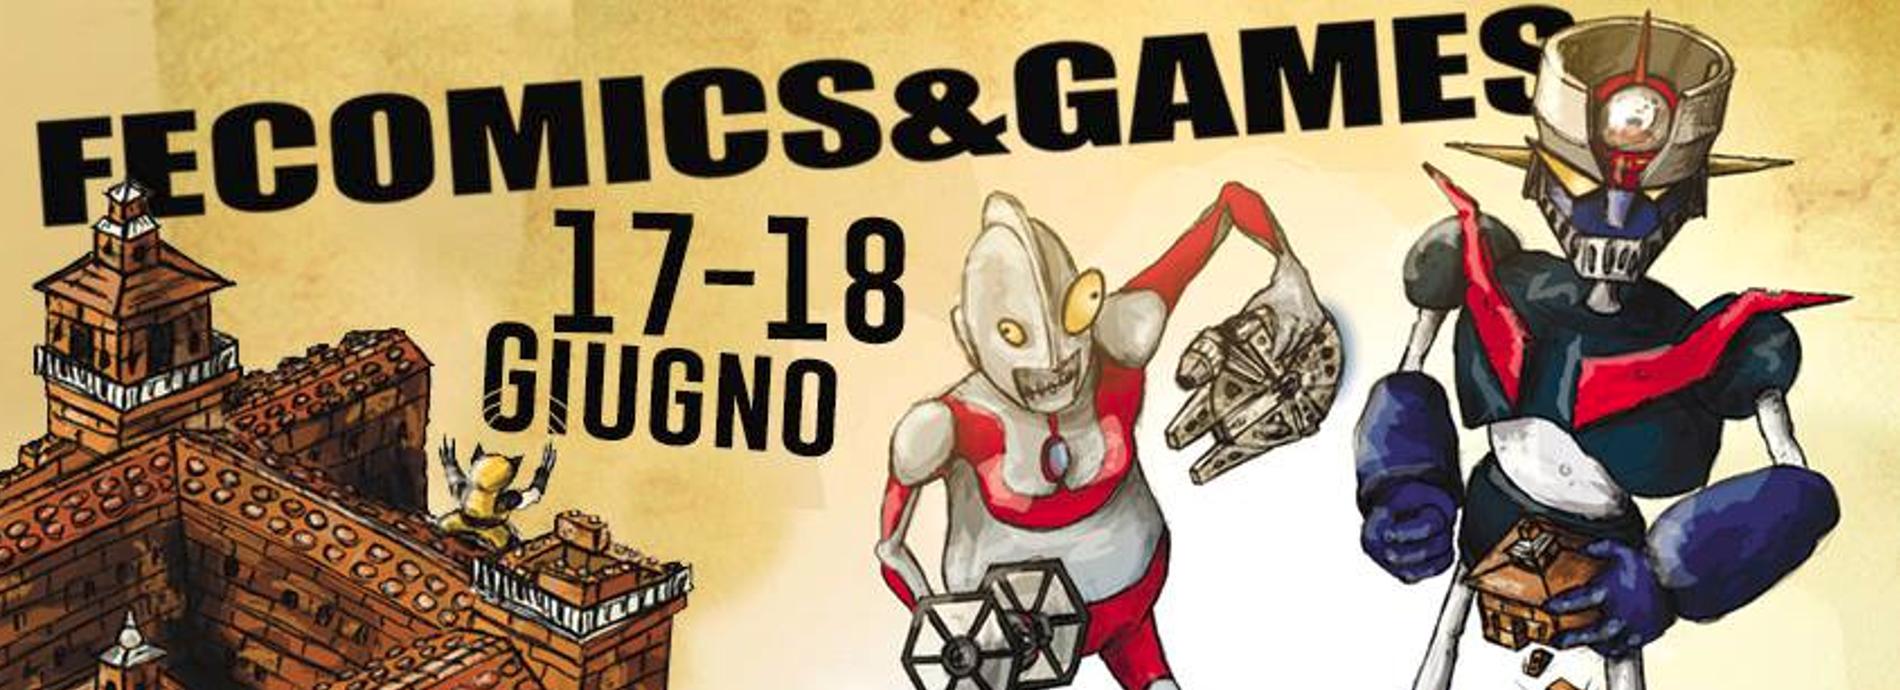 Fecomics & games Ferrara